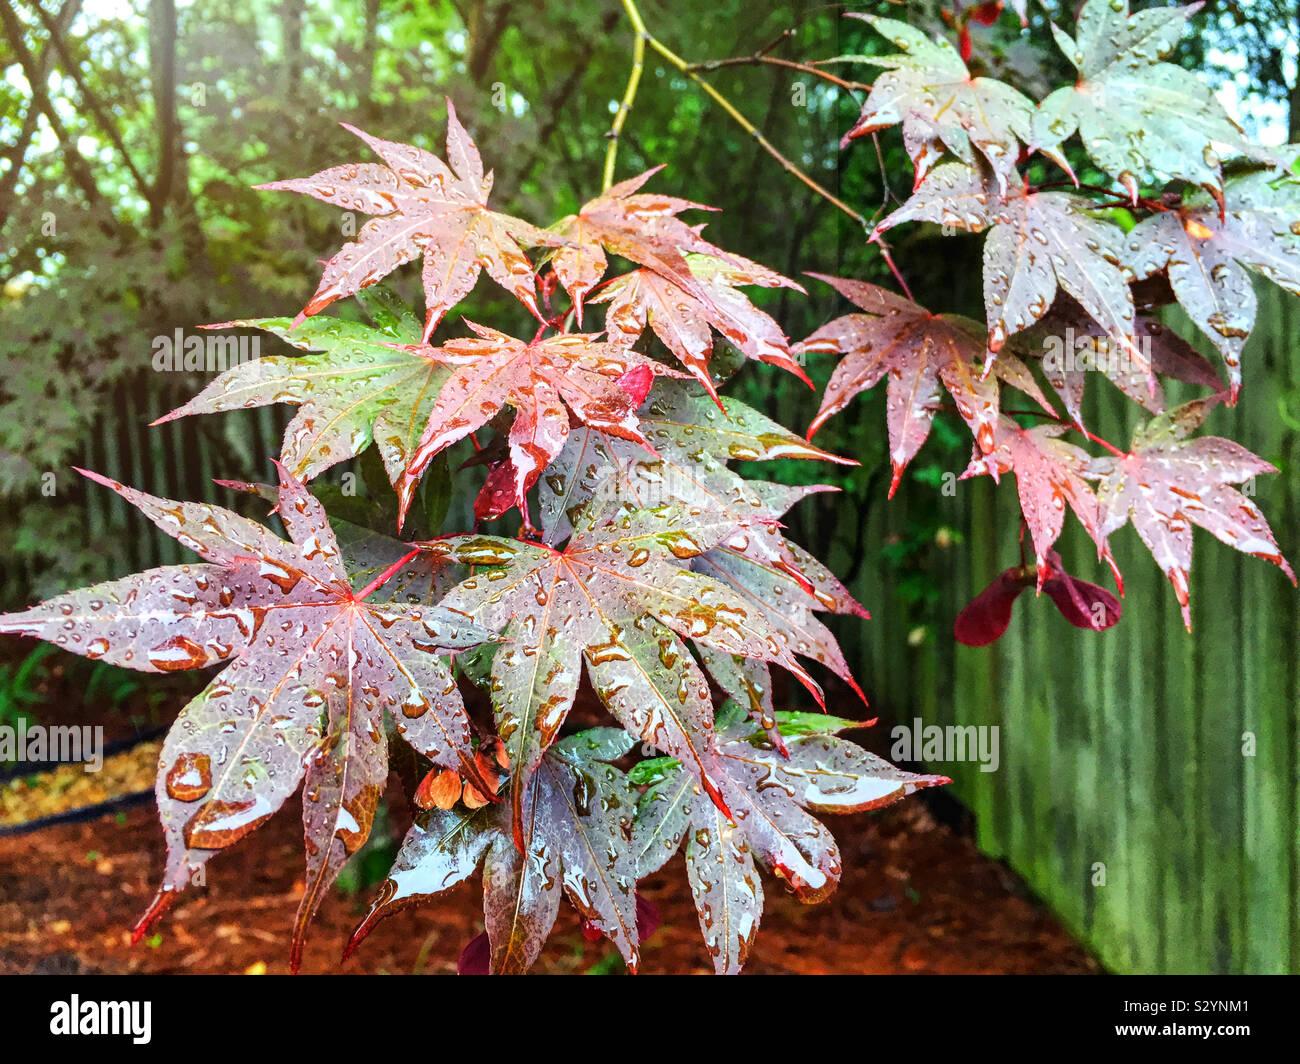 Colorate di rosso e verde foglie di acero durante la stagione estiva. Essi sono coperti con le gocce di pioggia. Foto Stock